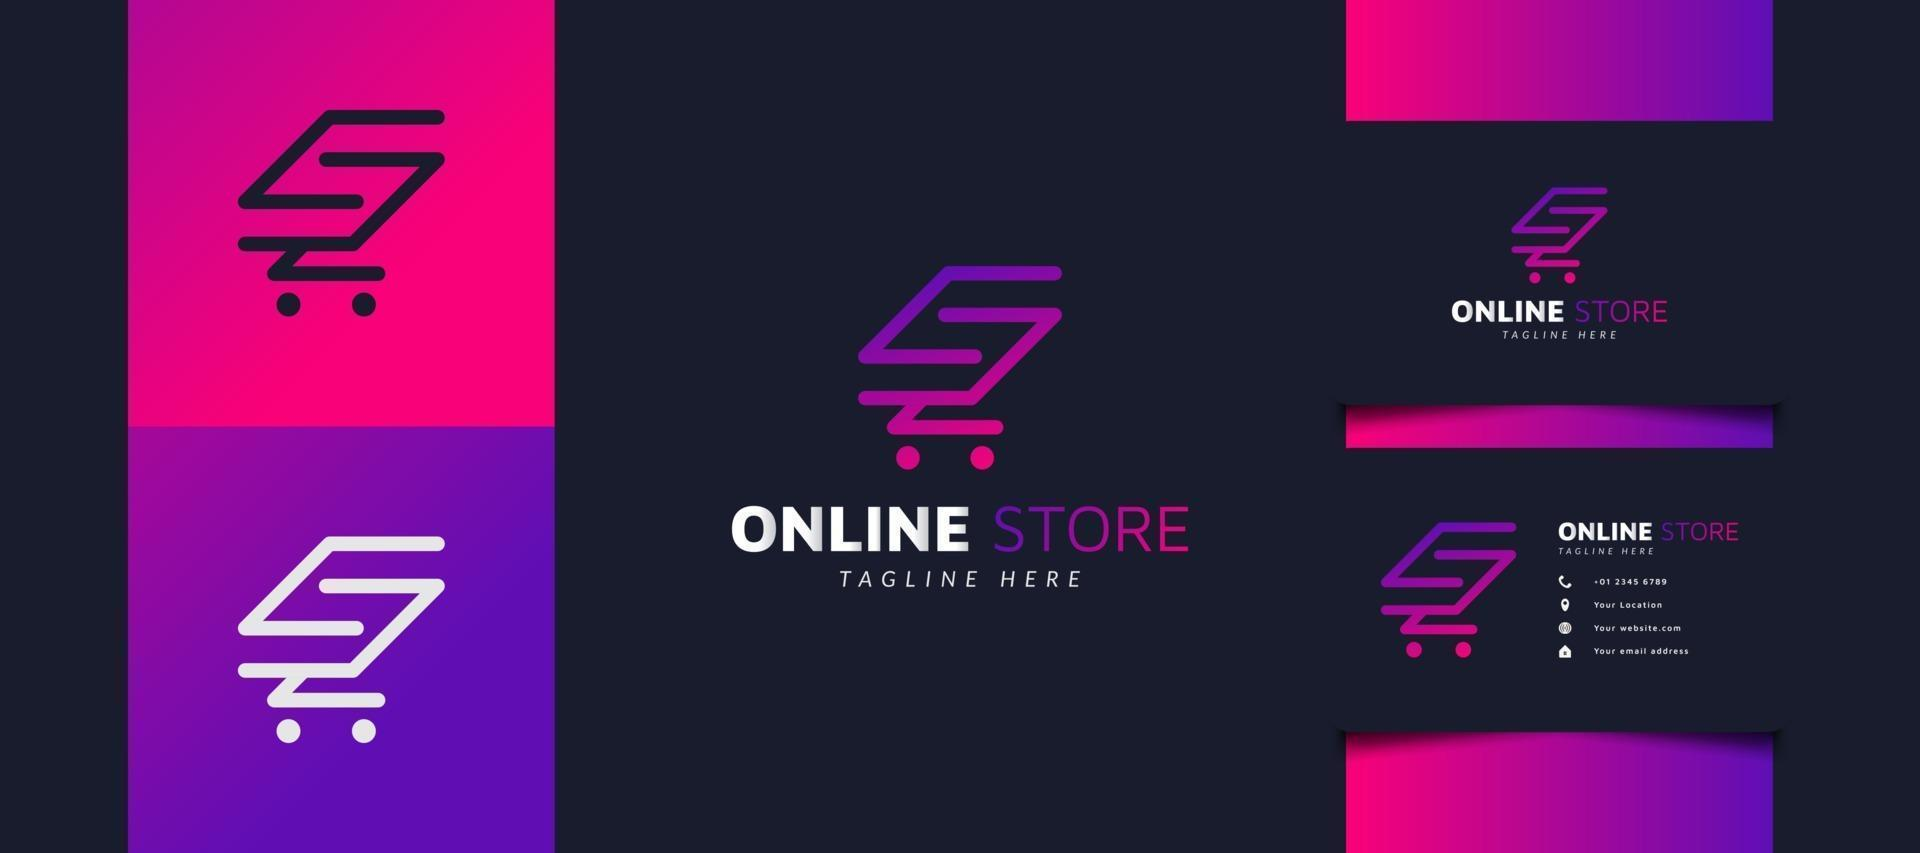 webbutiklogotypdesign med kundvagn som s initial i färgglad lutning, användbar för affärs- eller butikslogotyper vektor